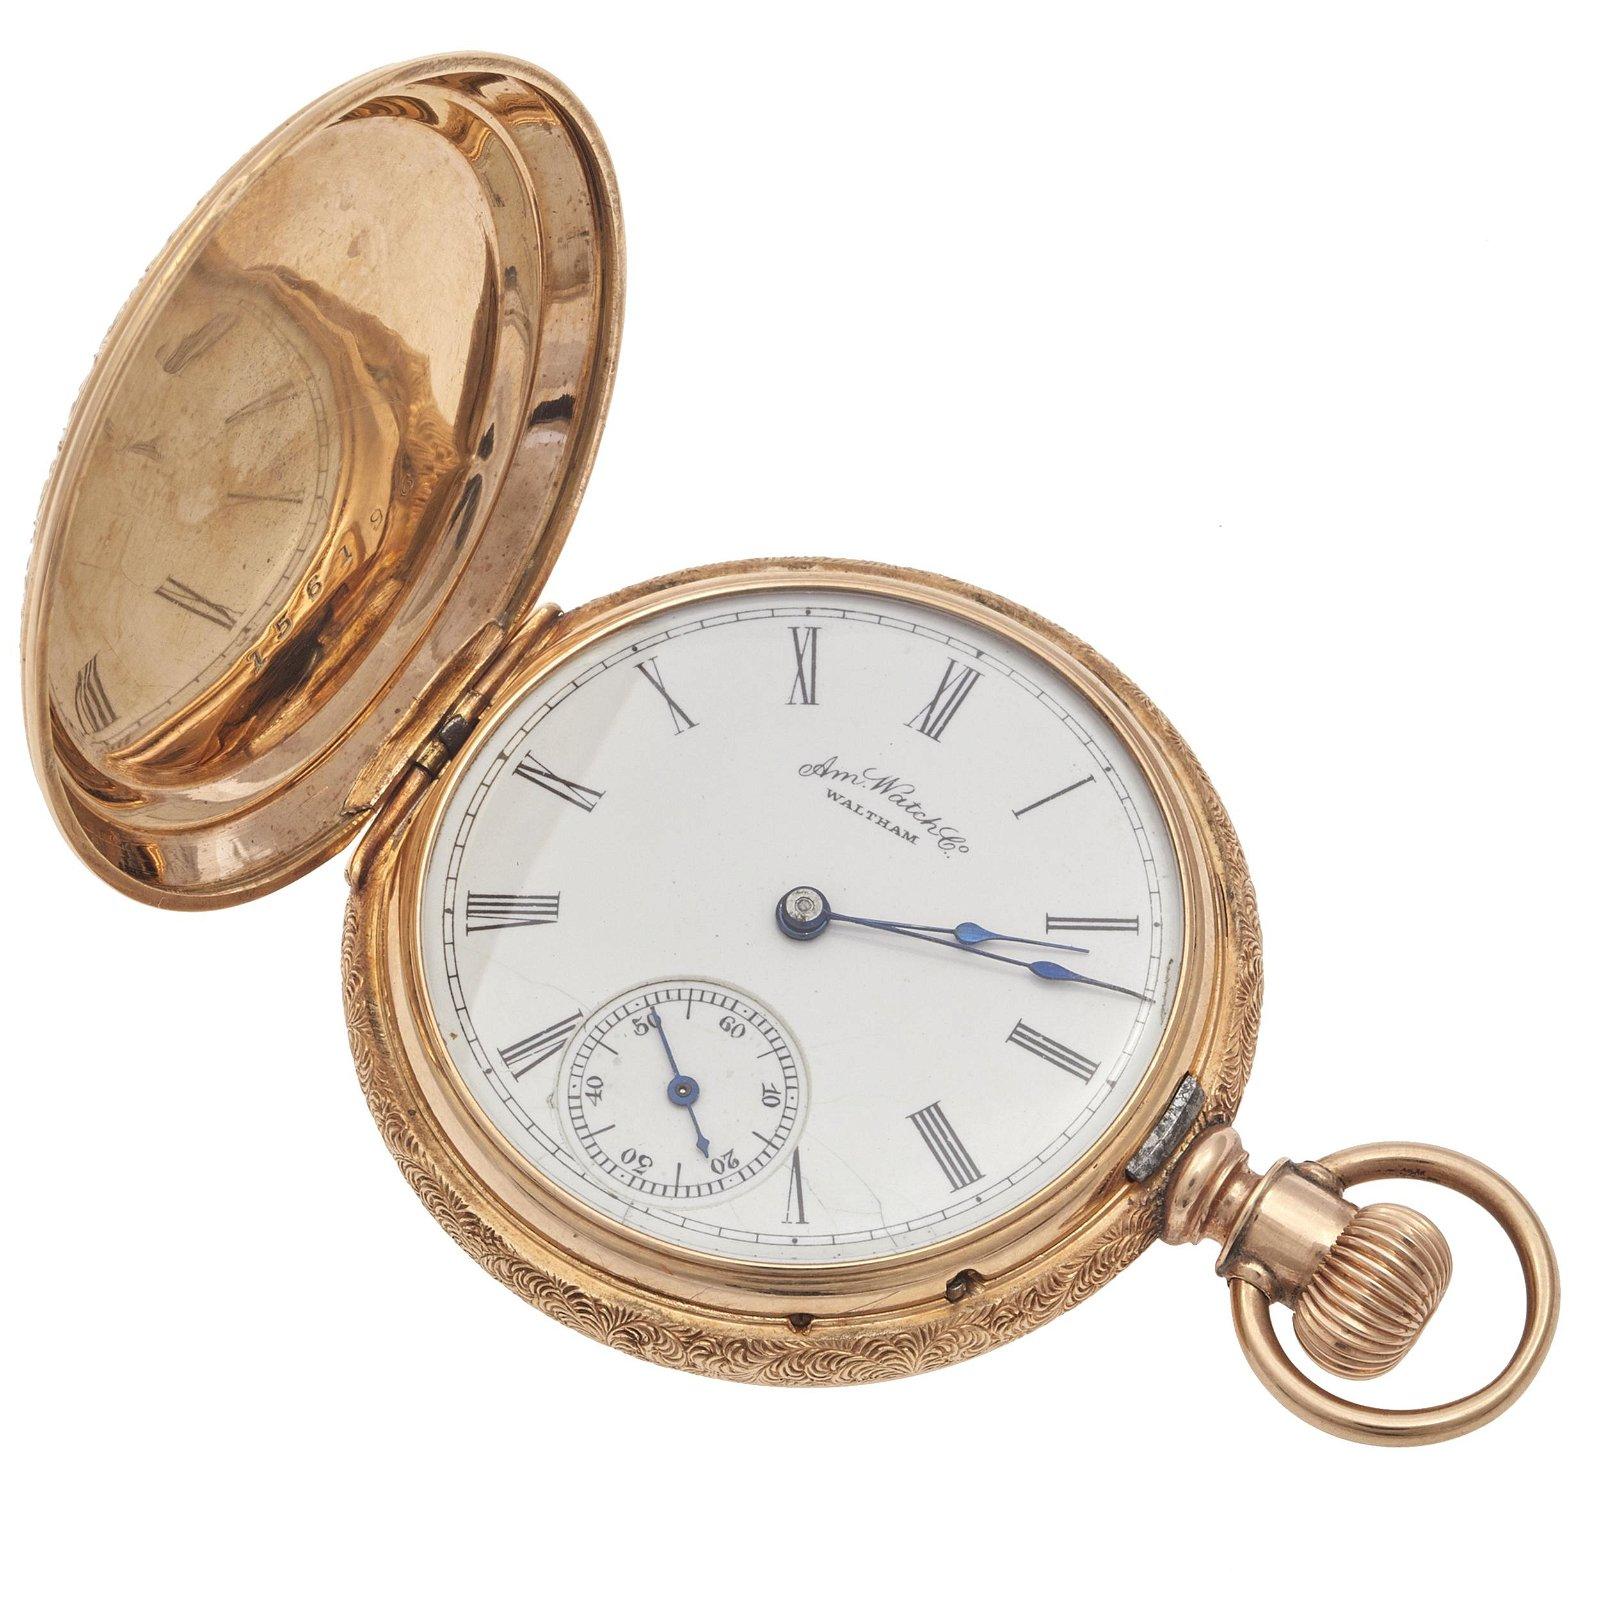 Waltham 10k Rose Gold Hunter Case Pocket Watch